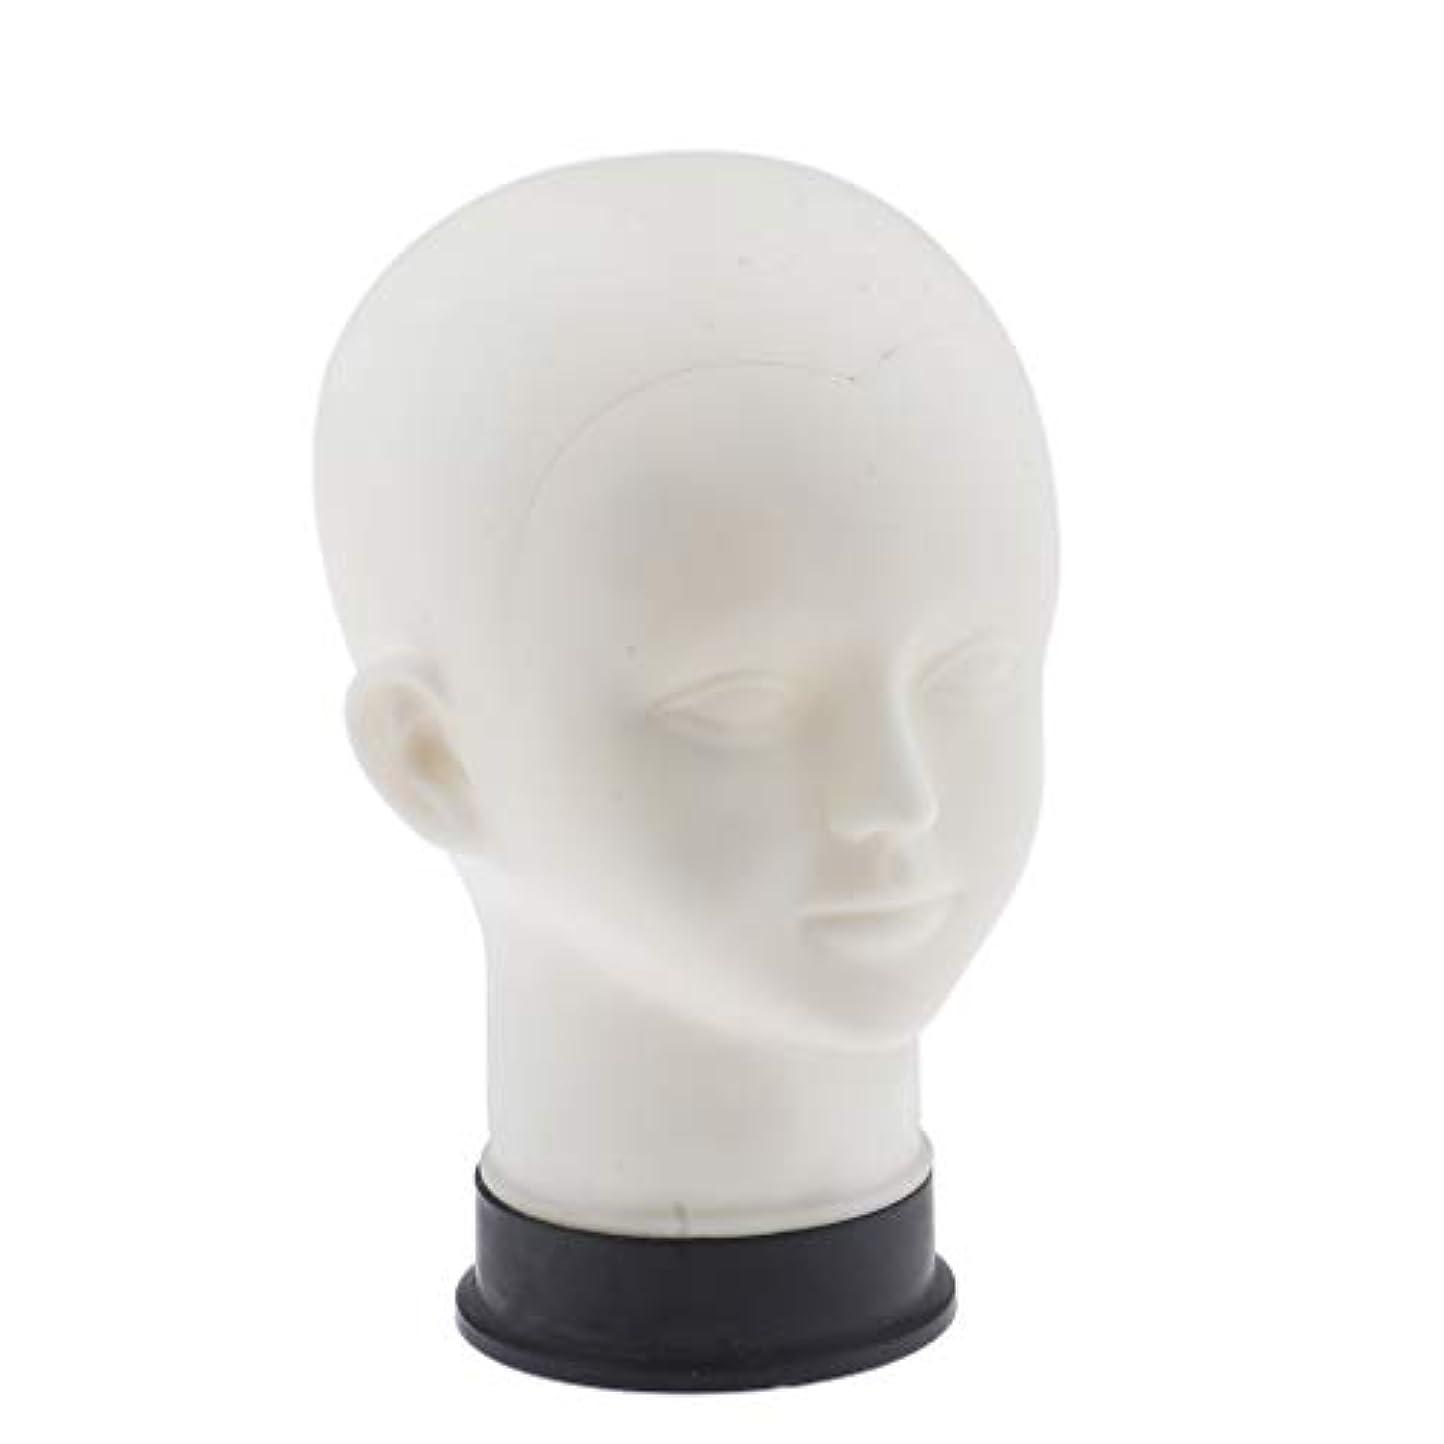 印刷する踏みつけ血まみれToygogo マネキンヘッド 男性 頭部モデル メイクアップ練習 マッサージ実践 かつらホルダー